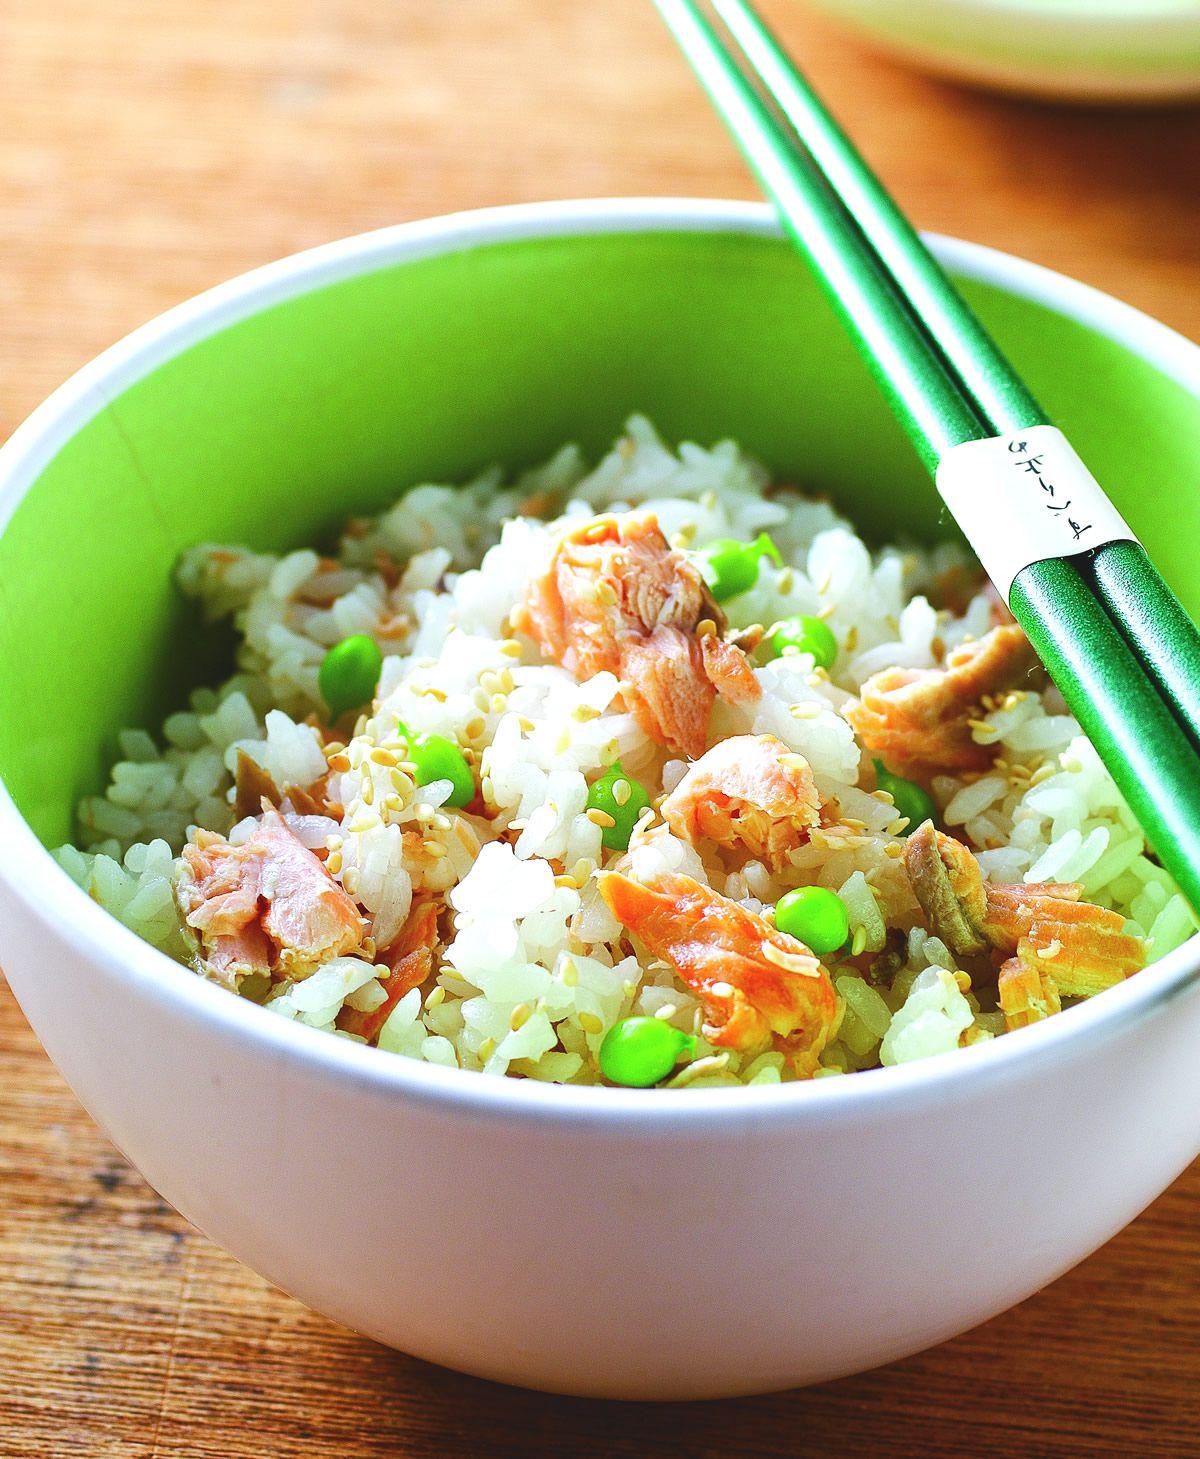 食譜:鮭魚炊飯